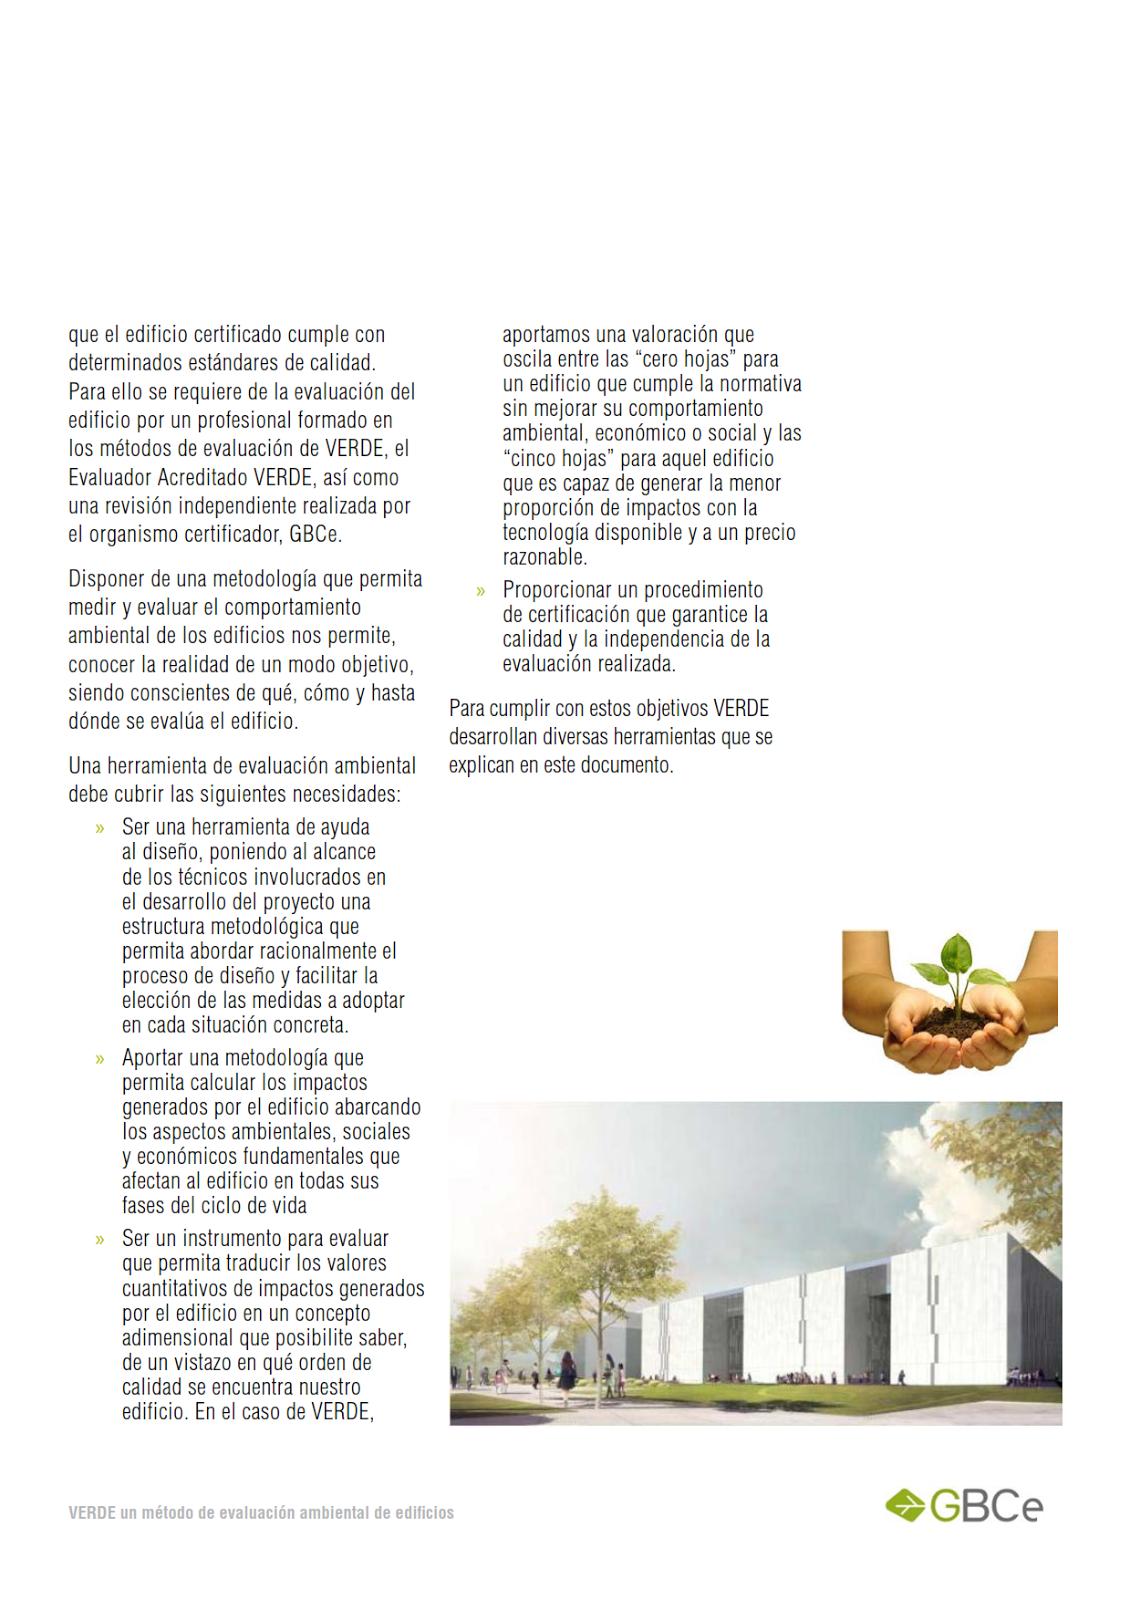 Revista digital apuntes de arquitectura verde un m todo for Arquitectura verde pdf